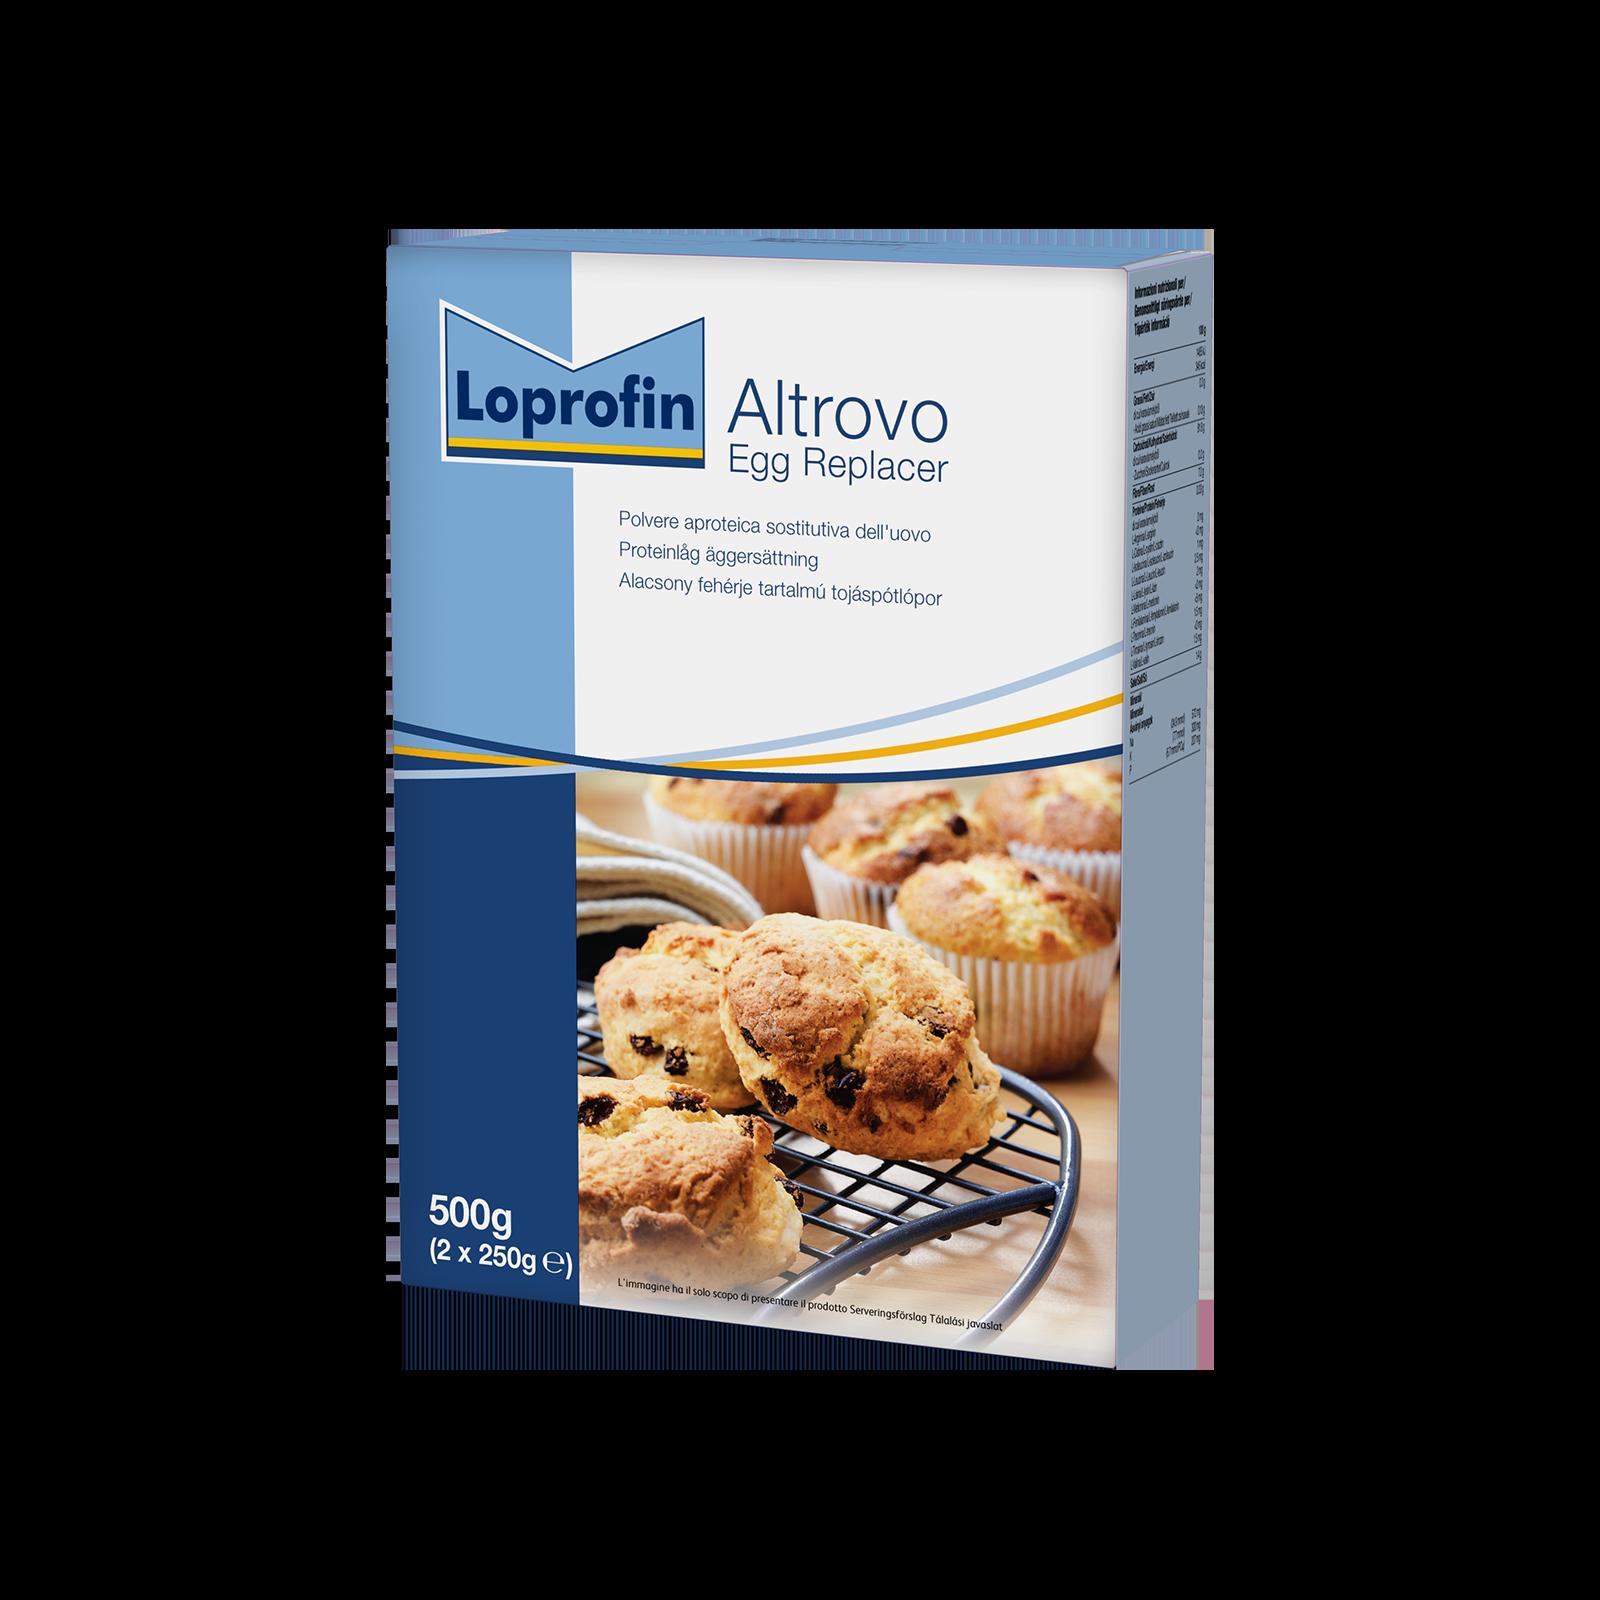 Loprofin Altrovo scatola da 500g | Nutricia